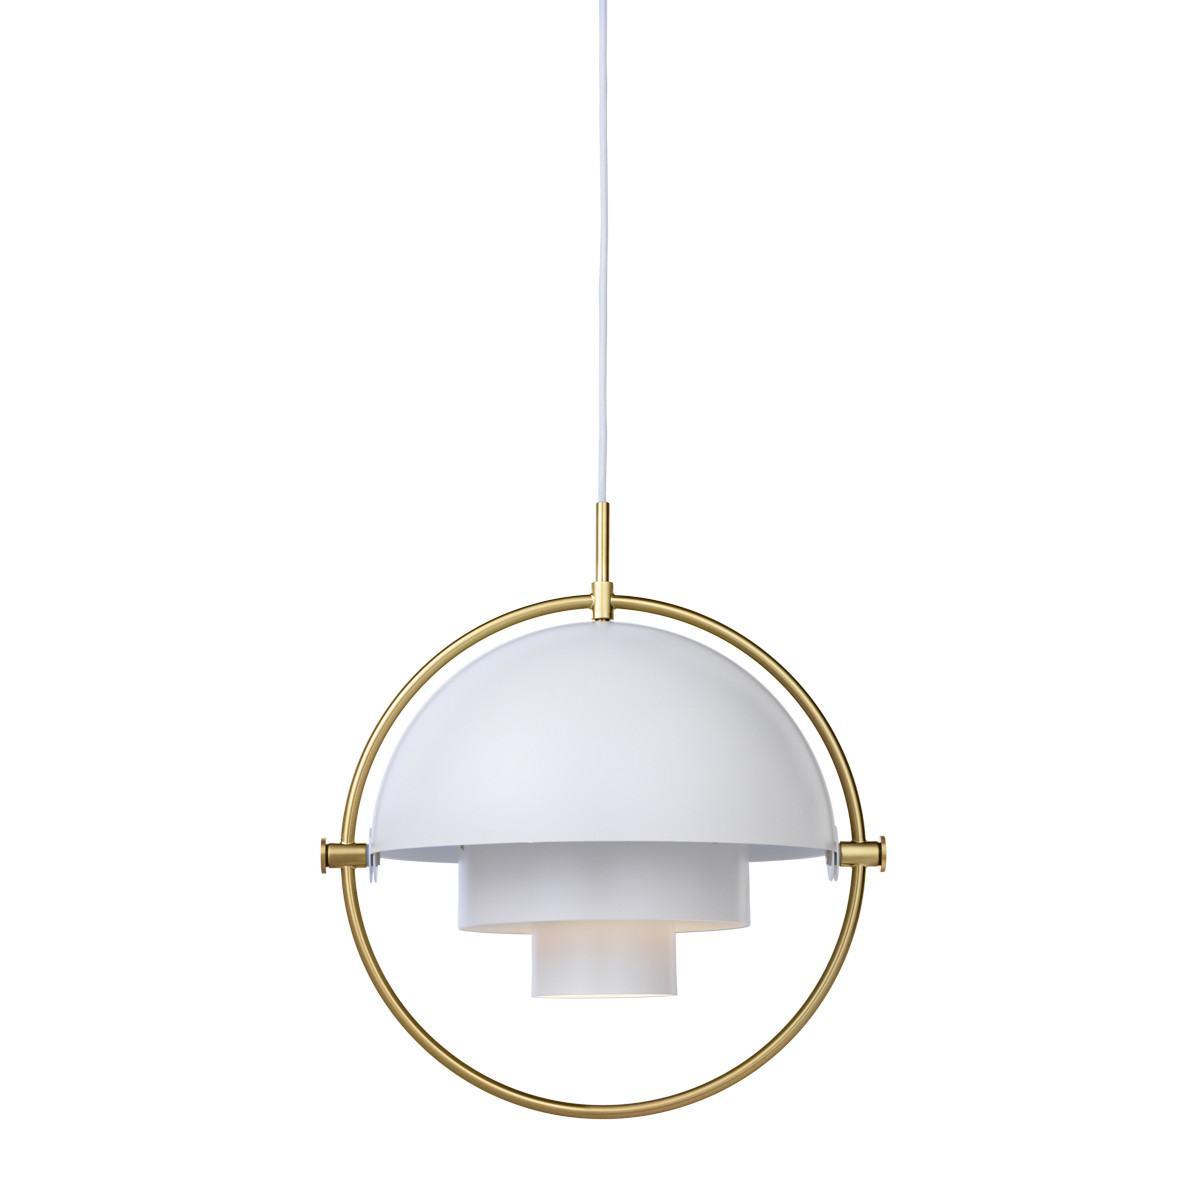 Gubi Multi-Lite Pendant Light - Small - Brass